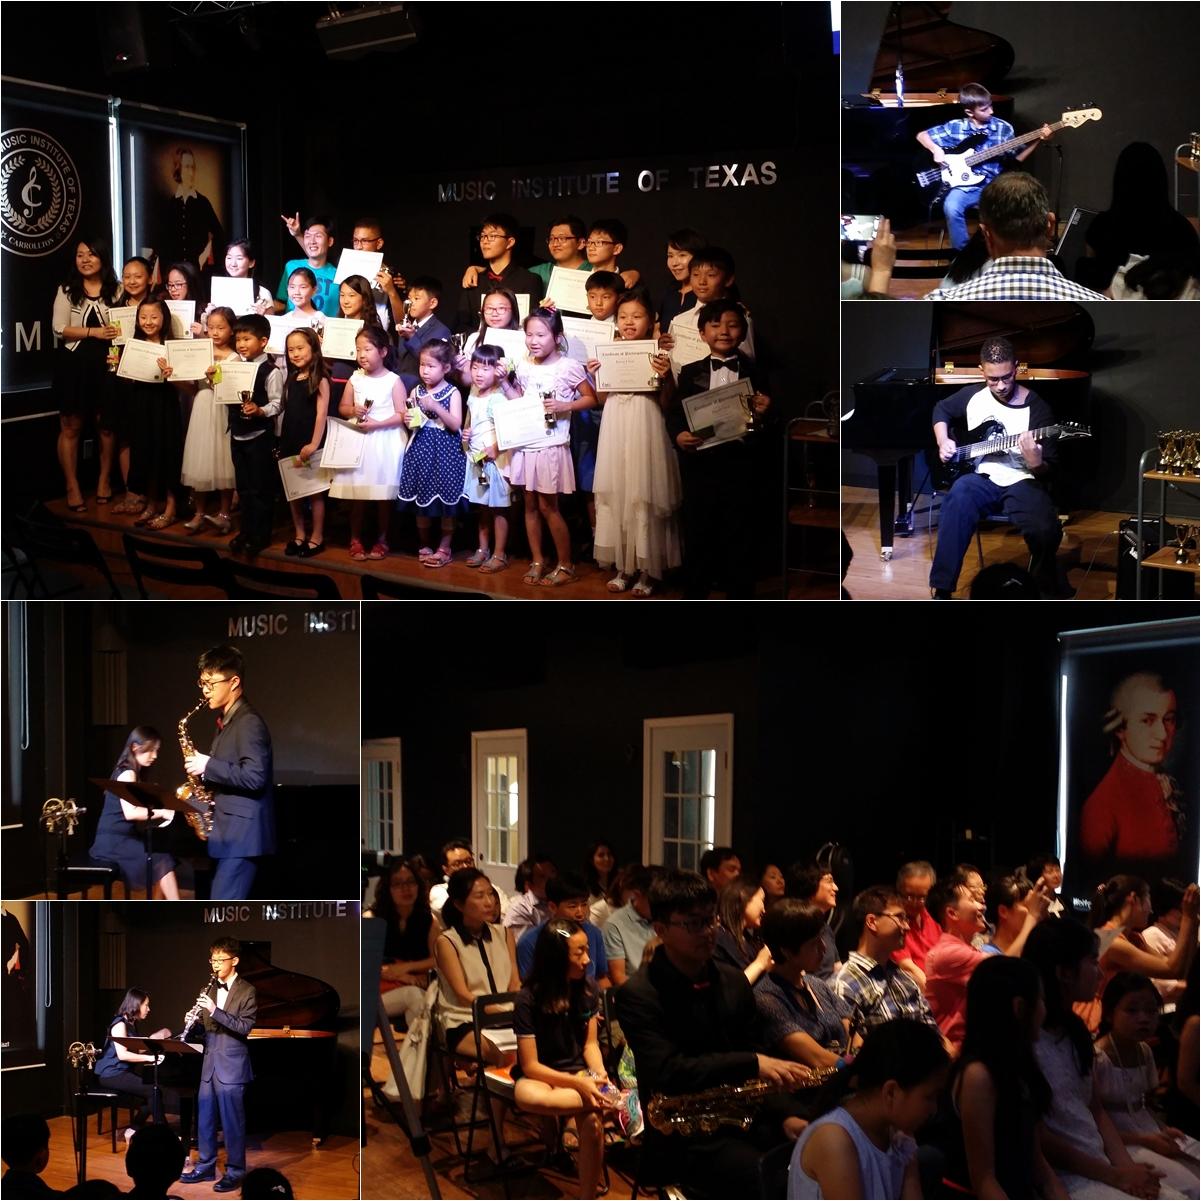 2015 CMIT Student's Summer Recital 03.jpg